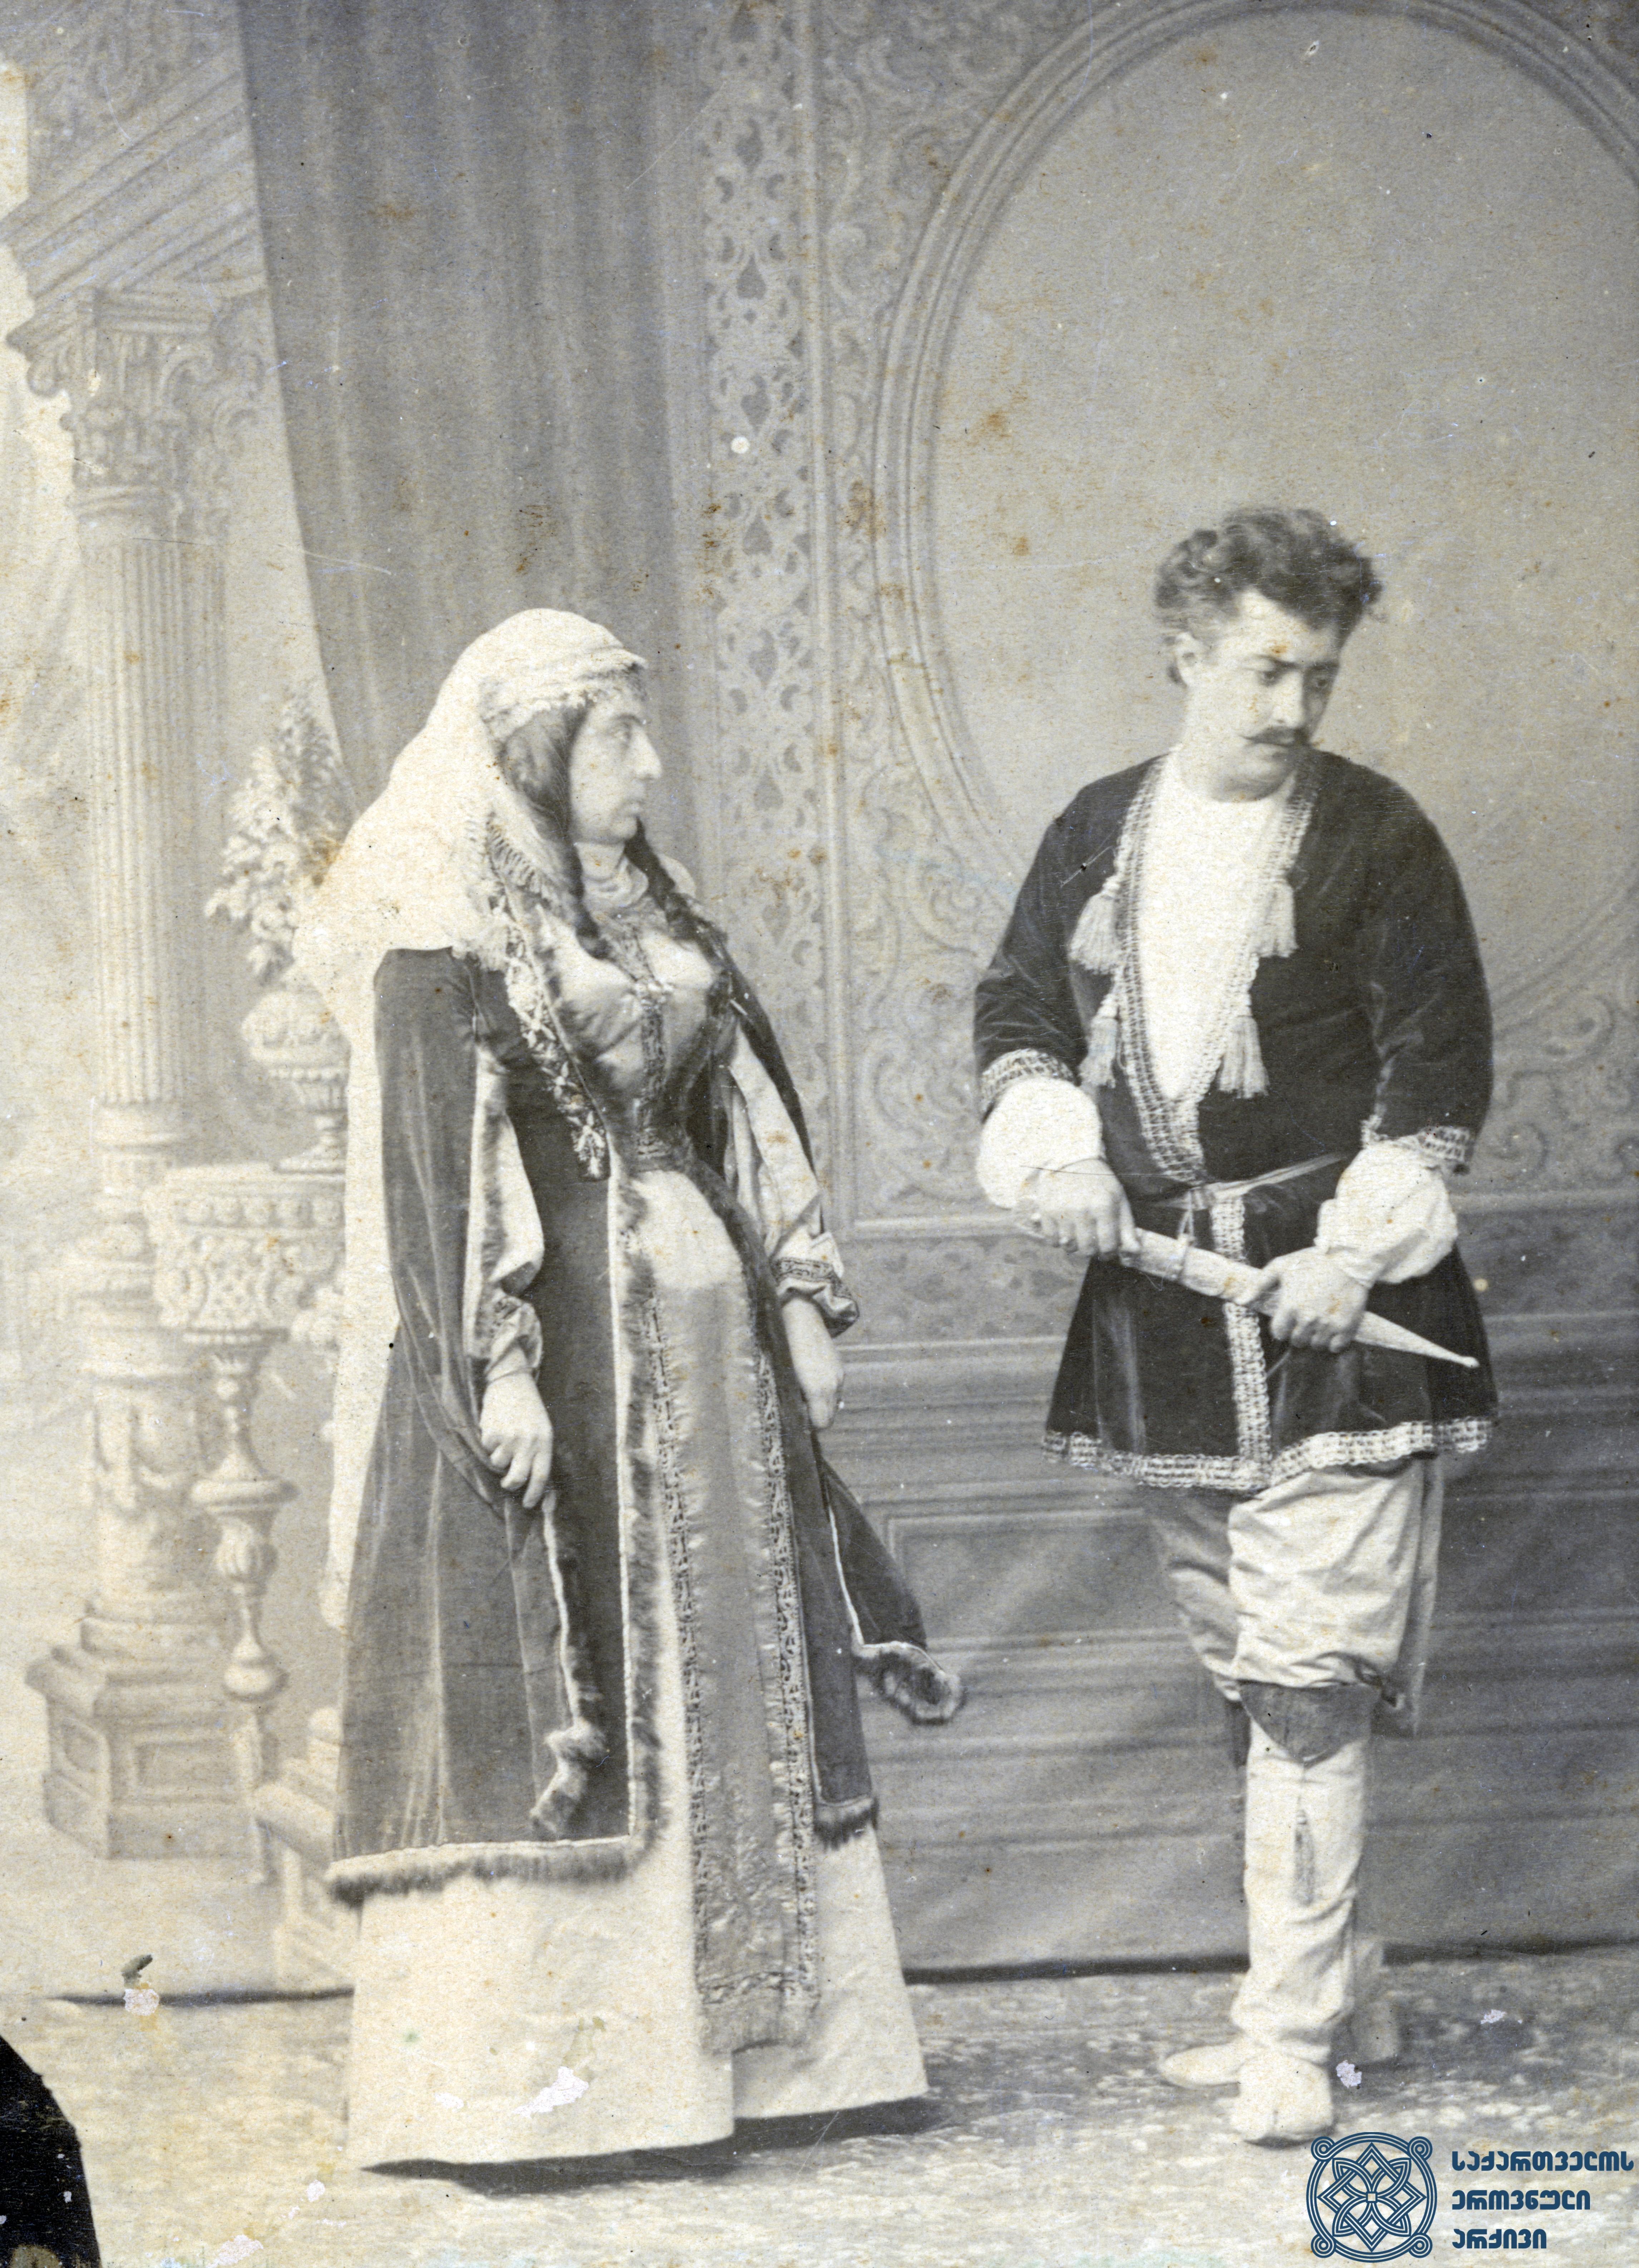 """სპექტაკლი """"სამშობლო"""". ლადო მესხიშვილი და მაკო საფაროვა როლებში. <br> 1890-1896 წლები. <br> The performance """"Samshoblo"""" (""""Motherland""""). Lado Meskhishvili and Mako Safarova in the roles. <br> 1890-1896."""